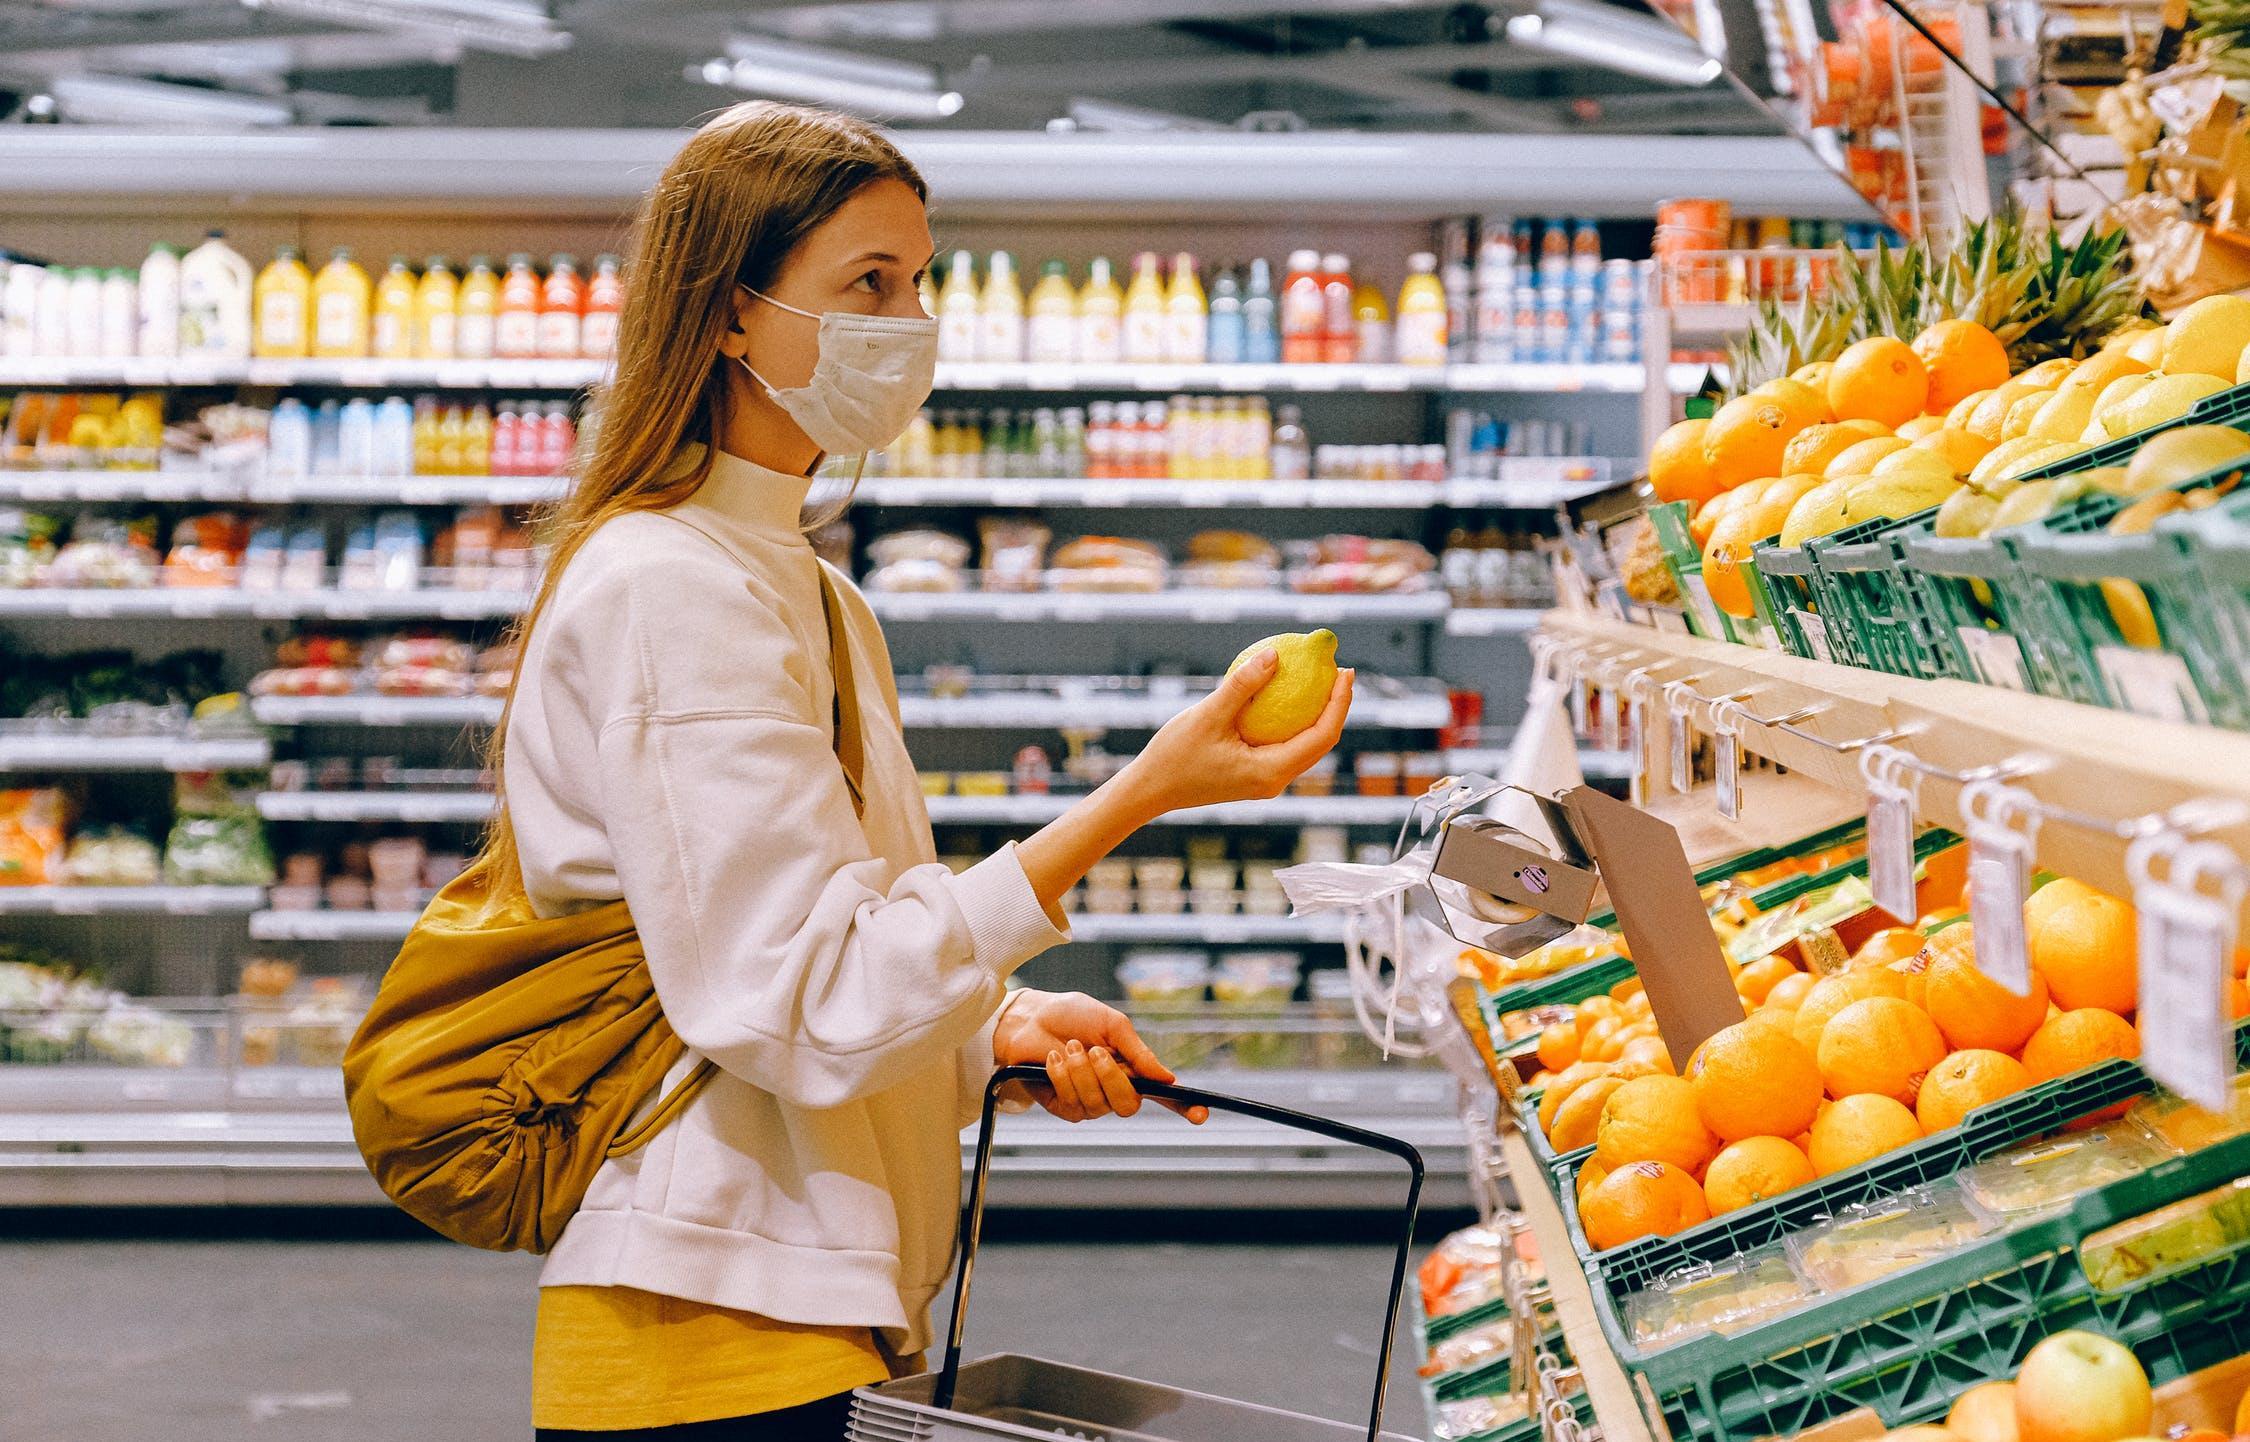 В Тверской области рост потребительских цен в июне — один из самых высоких в РФ - новости Афанасий